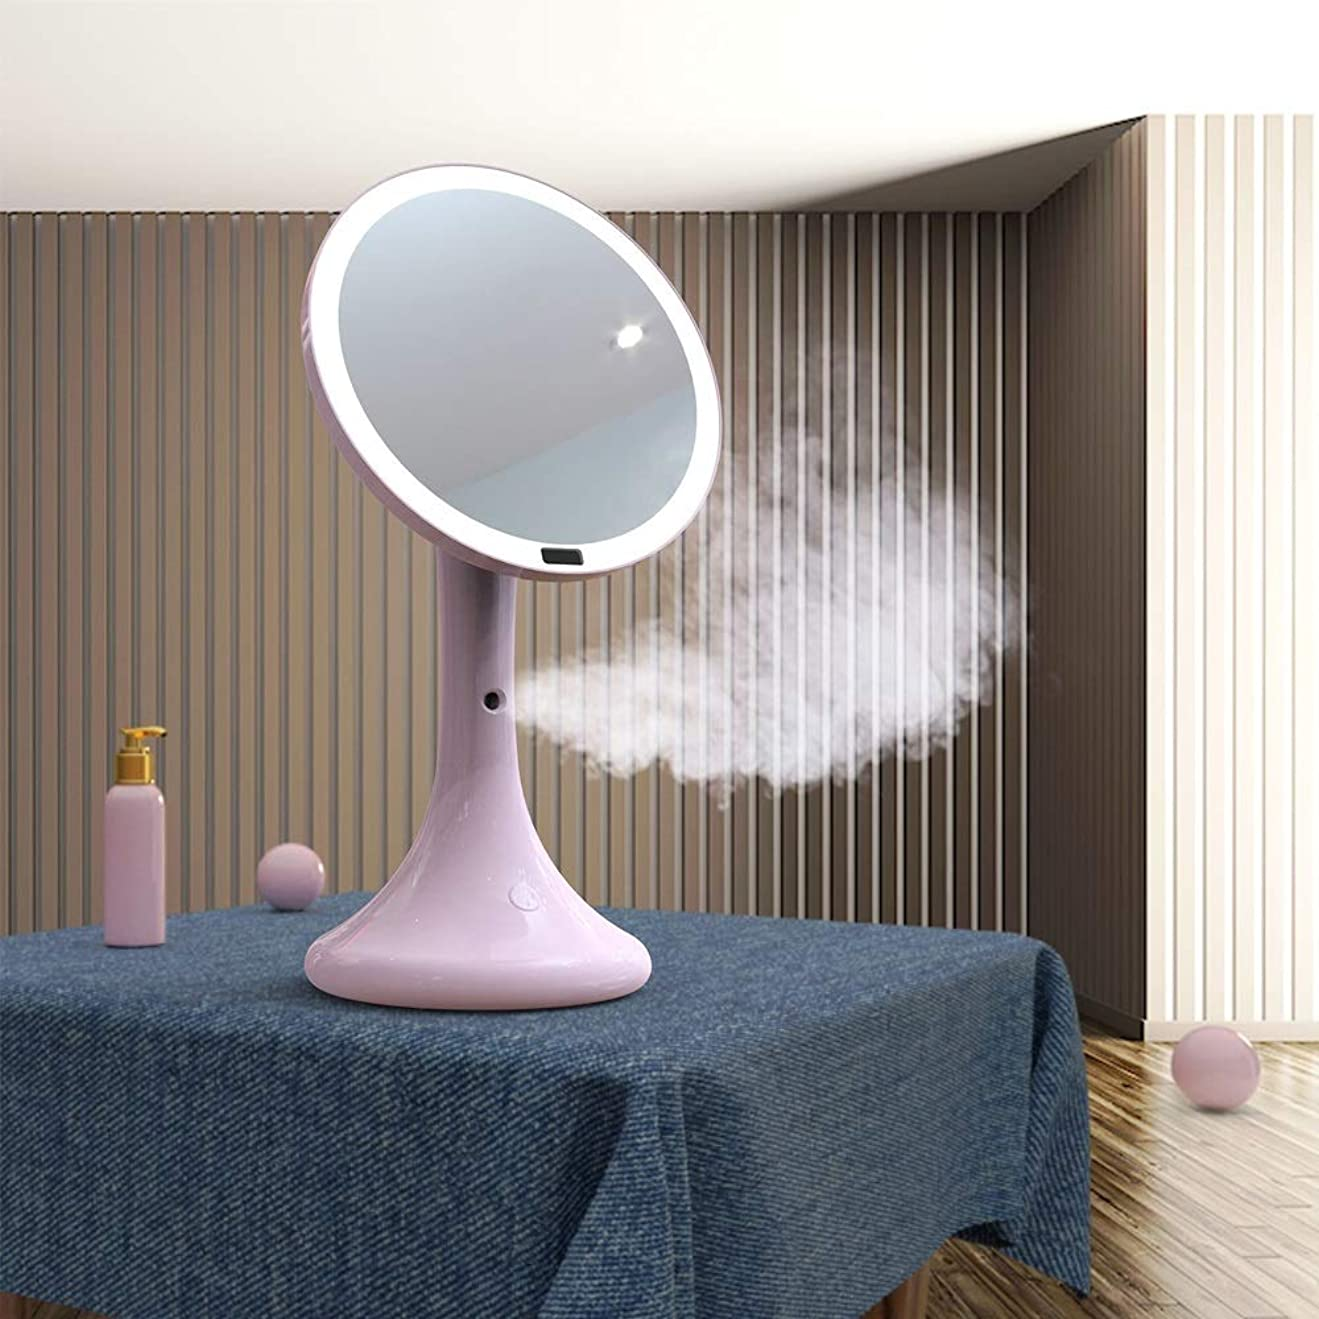 舞い上がるビザ成人期流行の スプレー水和LED化粧鏡インテリジェント人体誘導ランプミラーデスクトップ美容ミラー水和ABS素材ピンクセクションブルーセクション (色 : Pink)